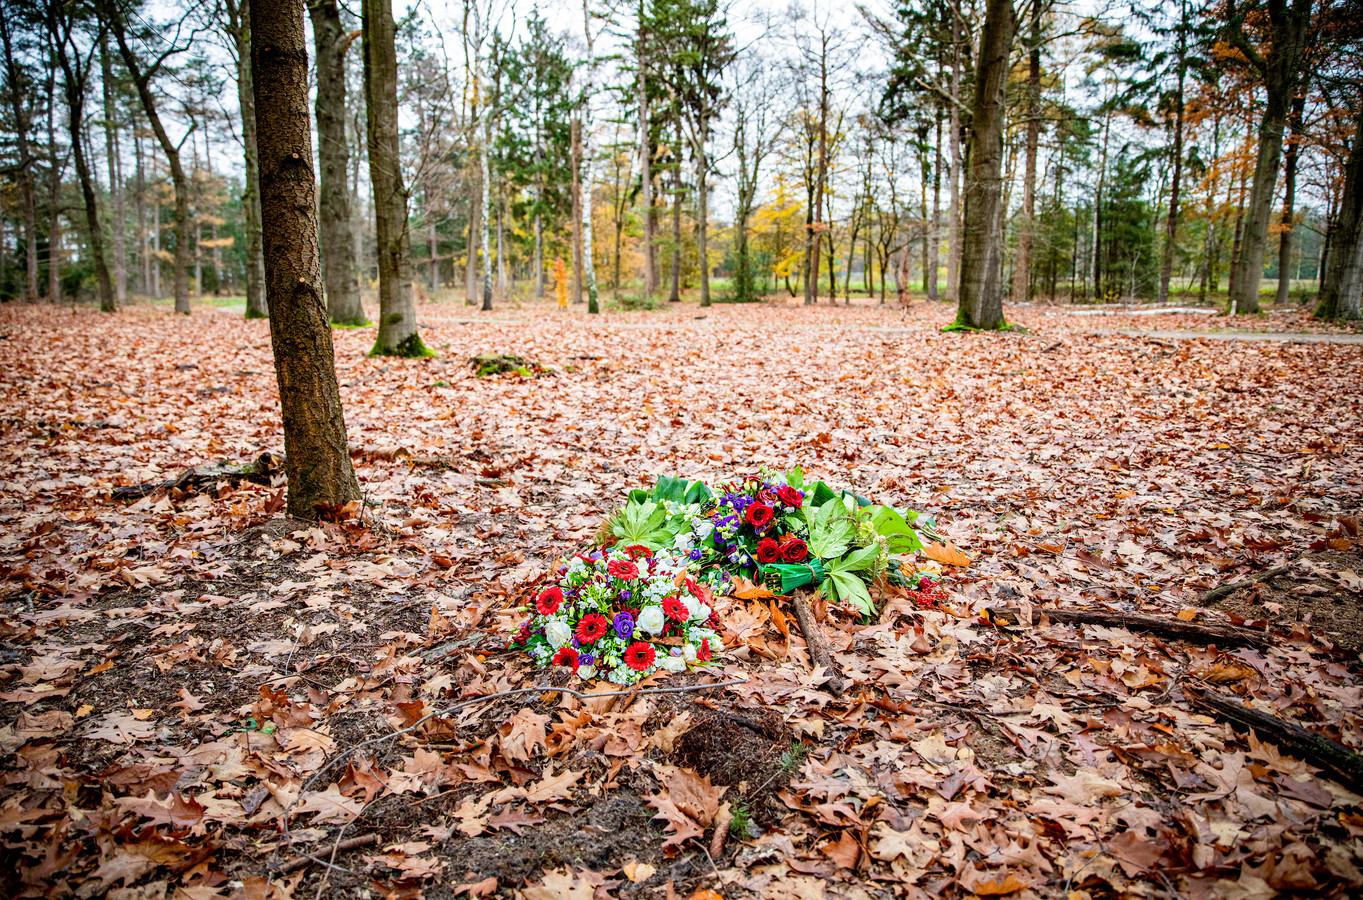 Impressie van Heidepol bij Arnhem, het paradepaardje van Natuurbegraven Nederland. Natuurbegraven Nederland heeft ook plannen voor natuurbegraafplaats De Polberg in Wapenveld.